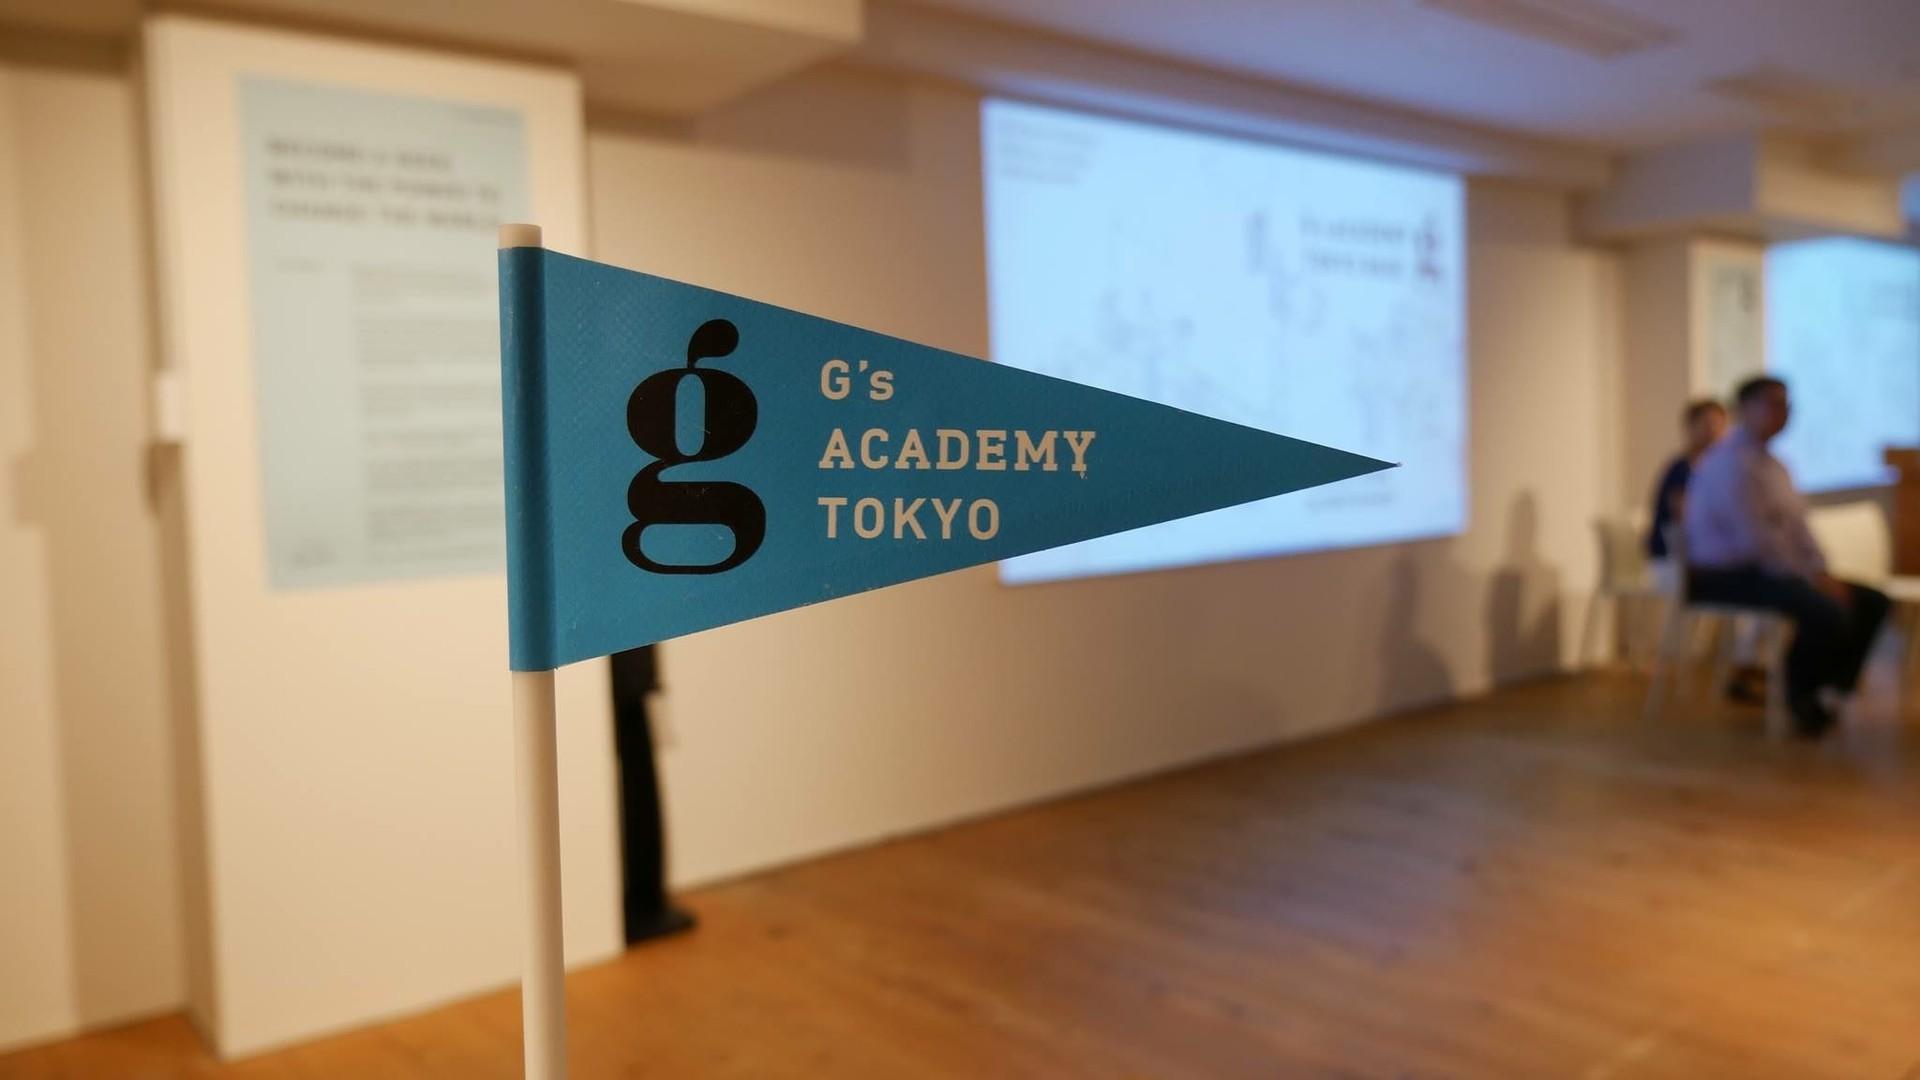 【コラム】G's ACADEMY TOKYO  卒業発表会に参加しました!